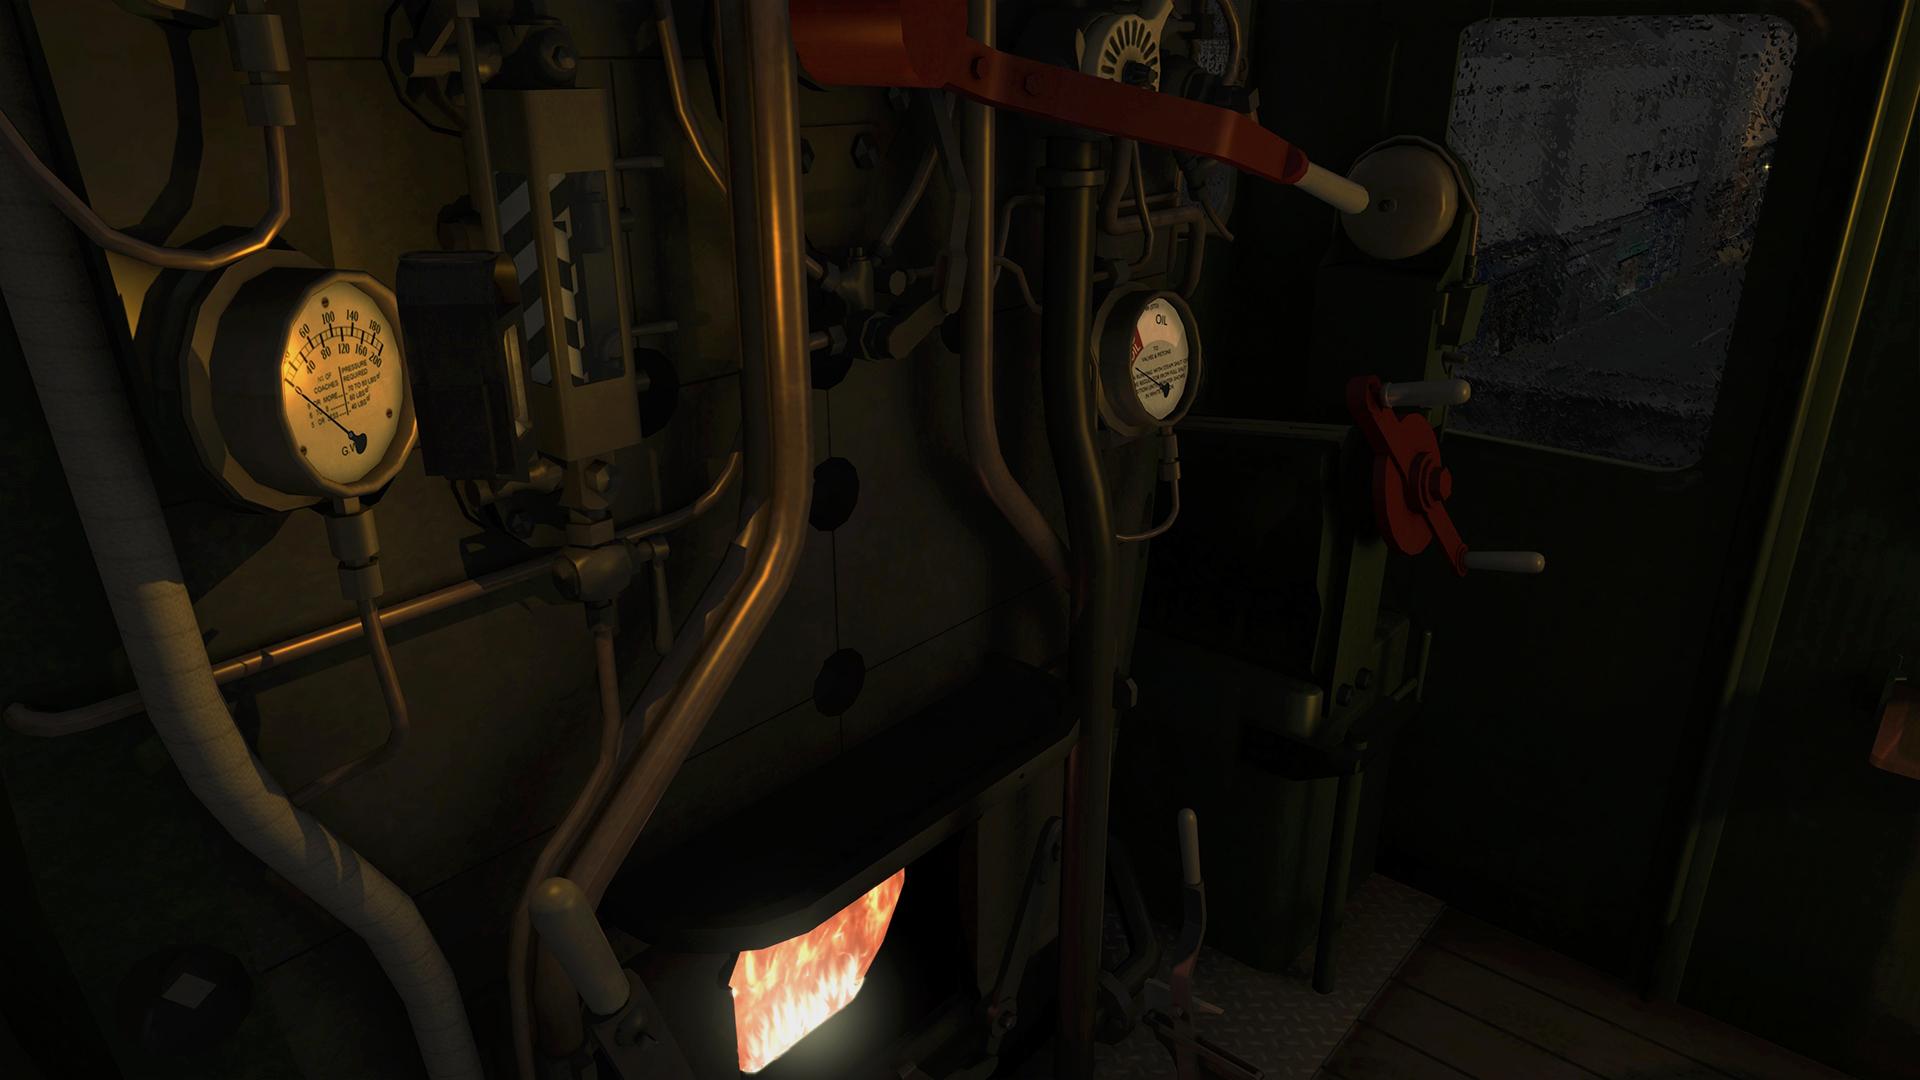 Image of Train Simulator 2016 Repack PC Game Full Version Free Download